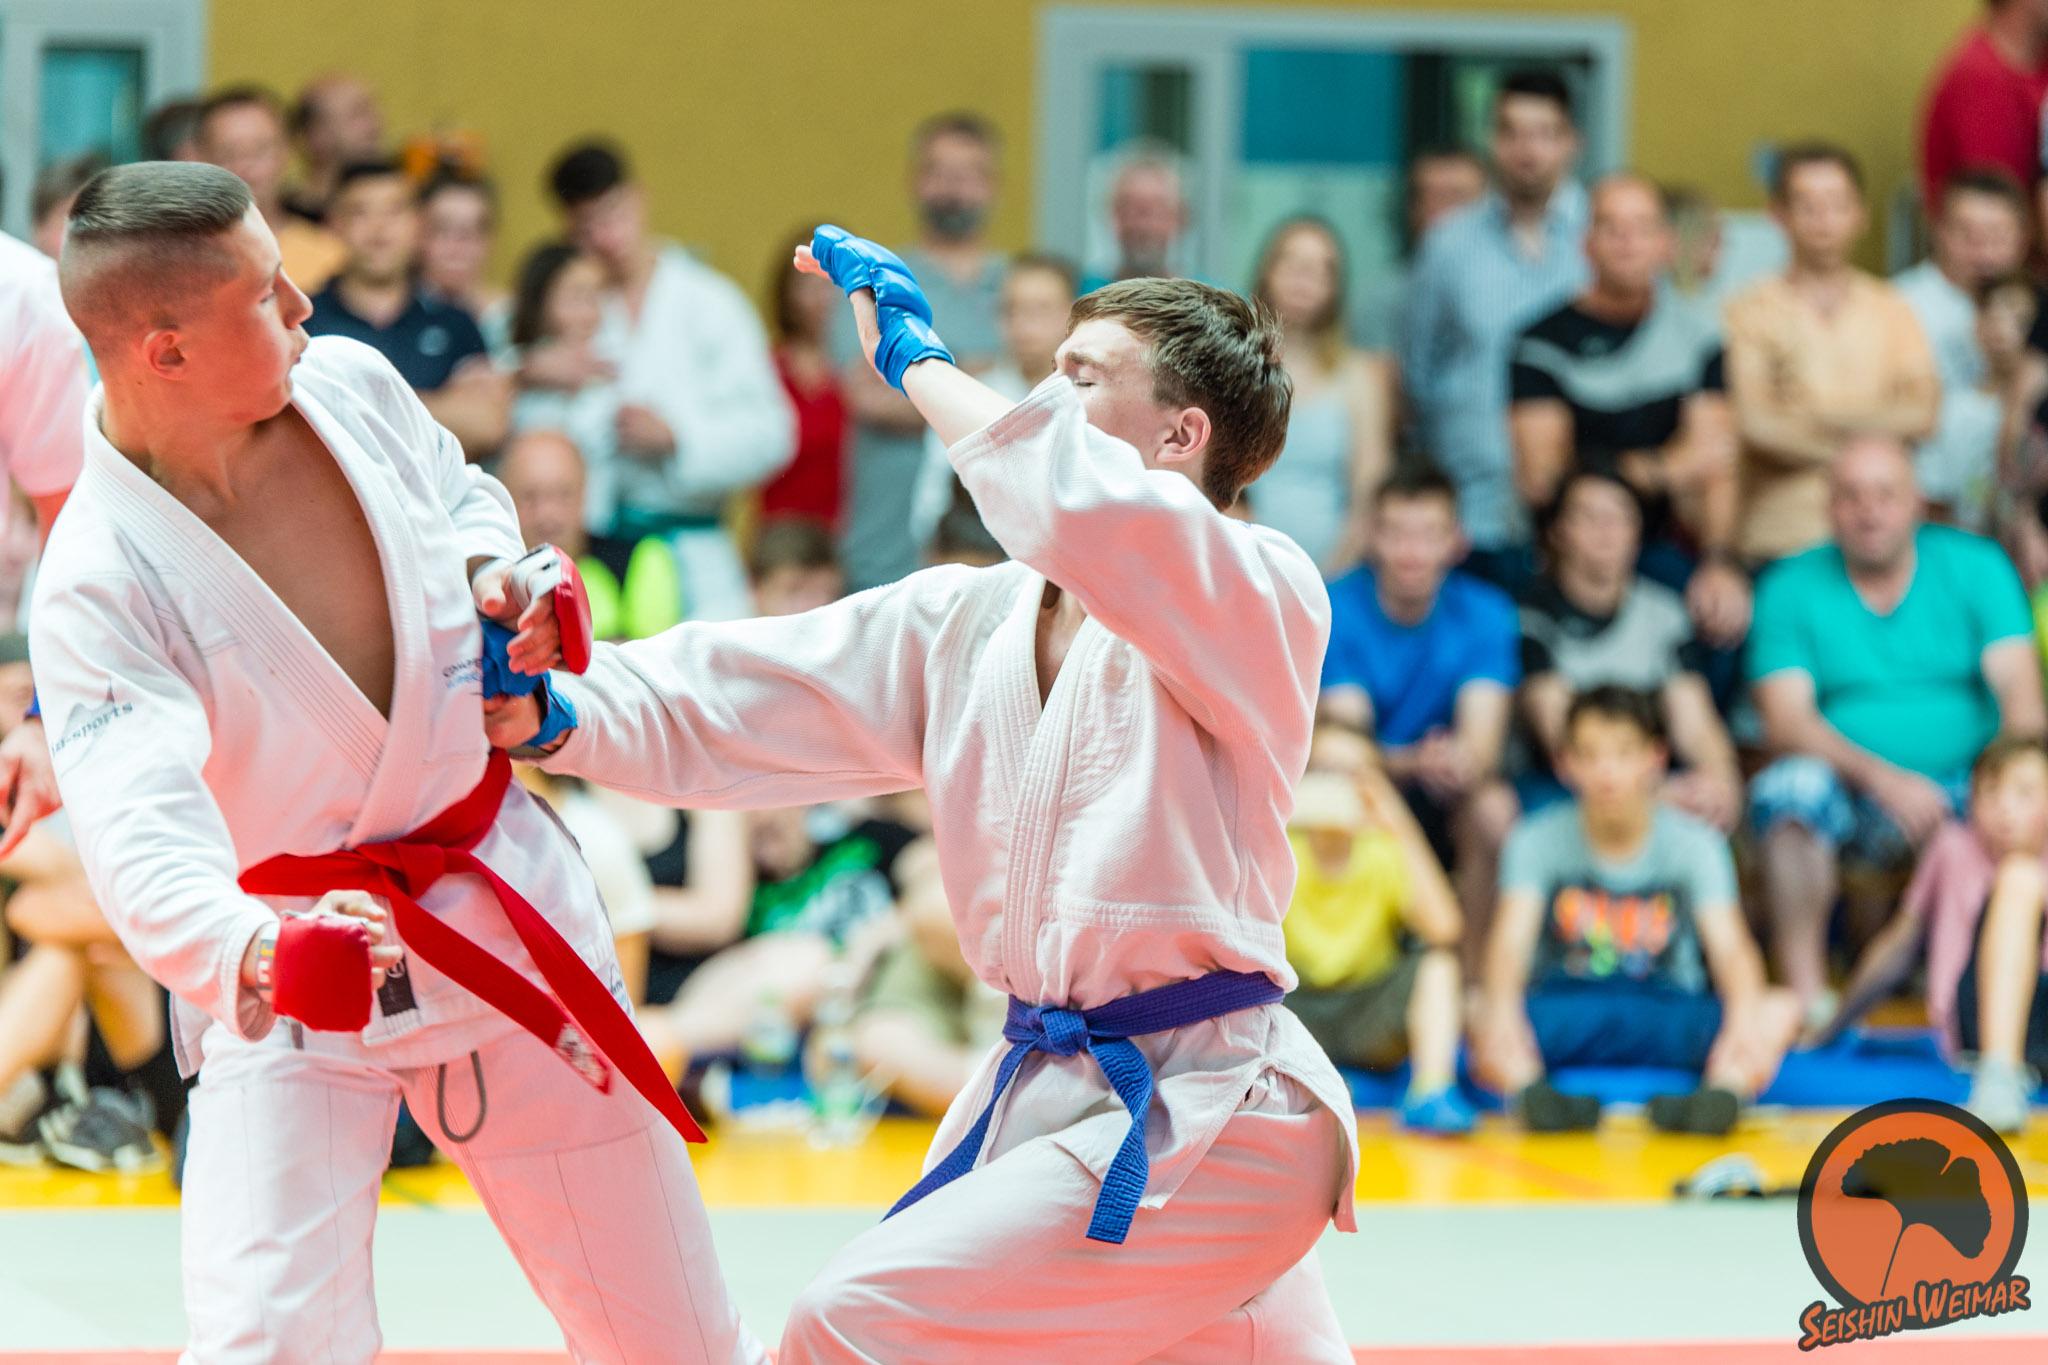 Deutsche Schülermeisterschaft 2018, in Hessen